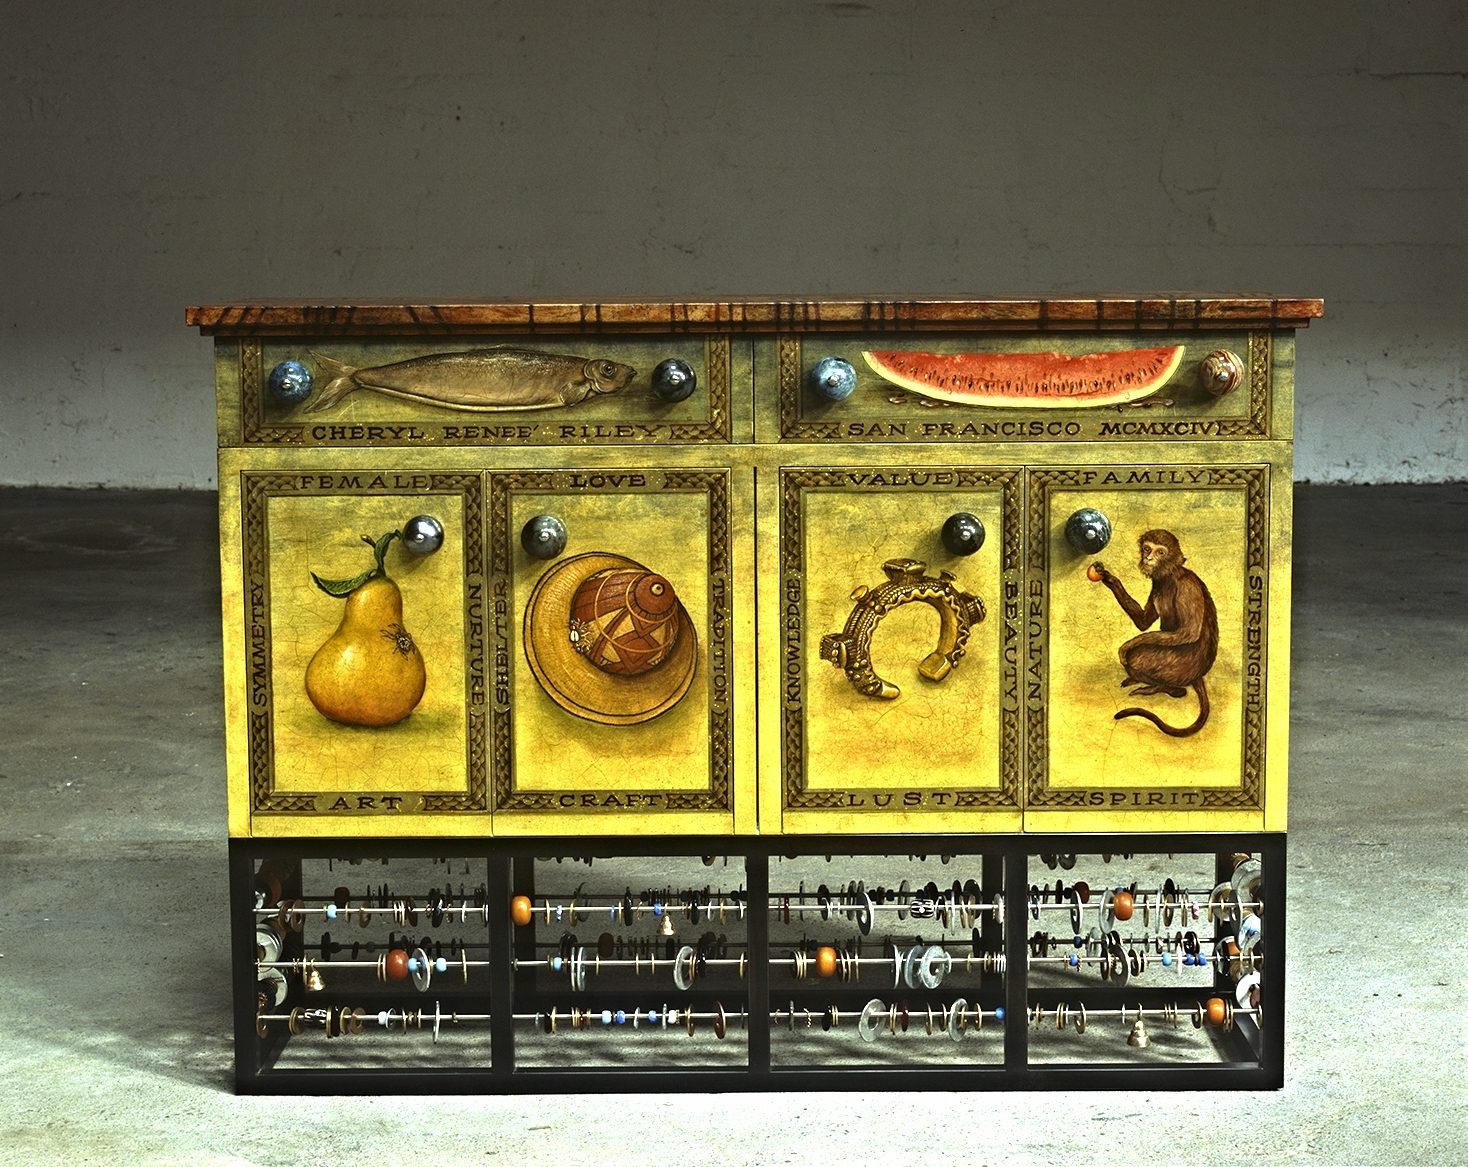 de'Medici Sideboard II-OAKLAND MUSEUM.jpg